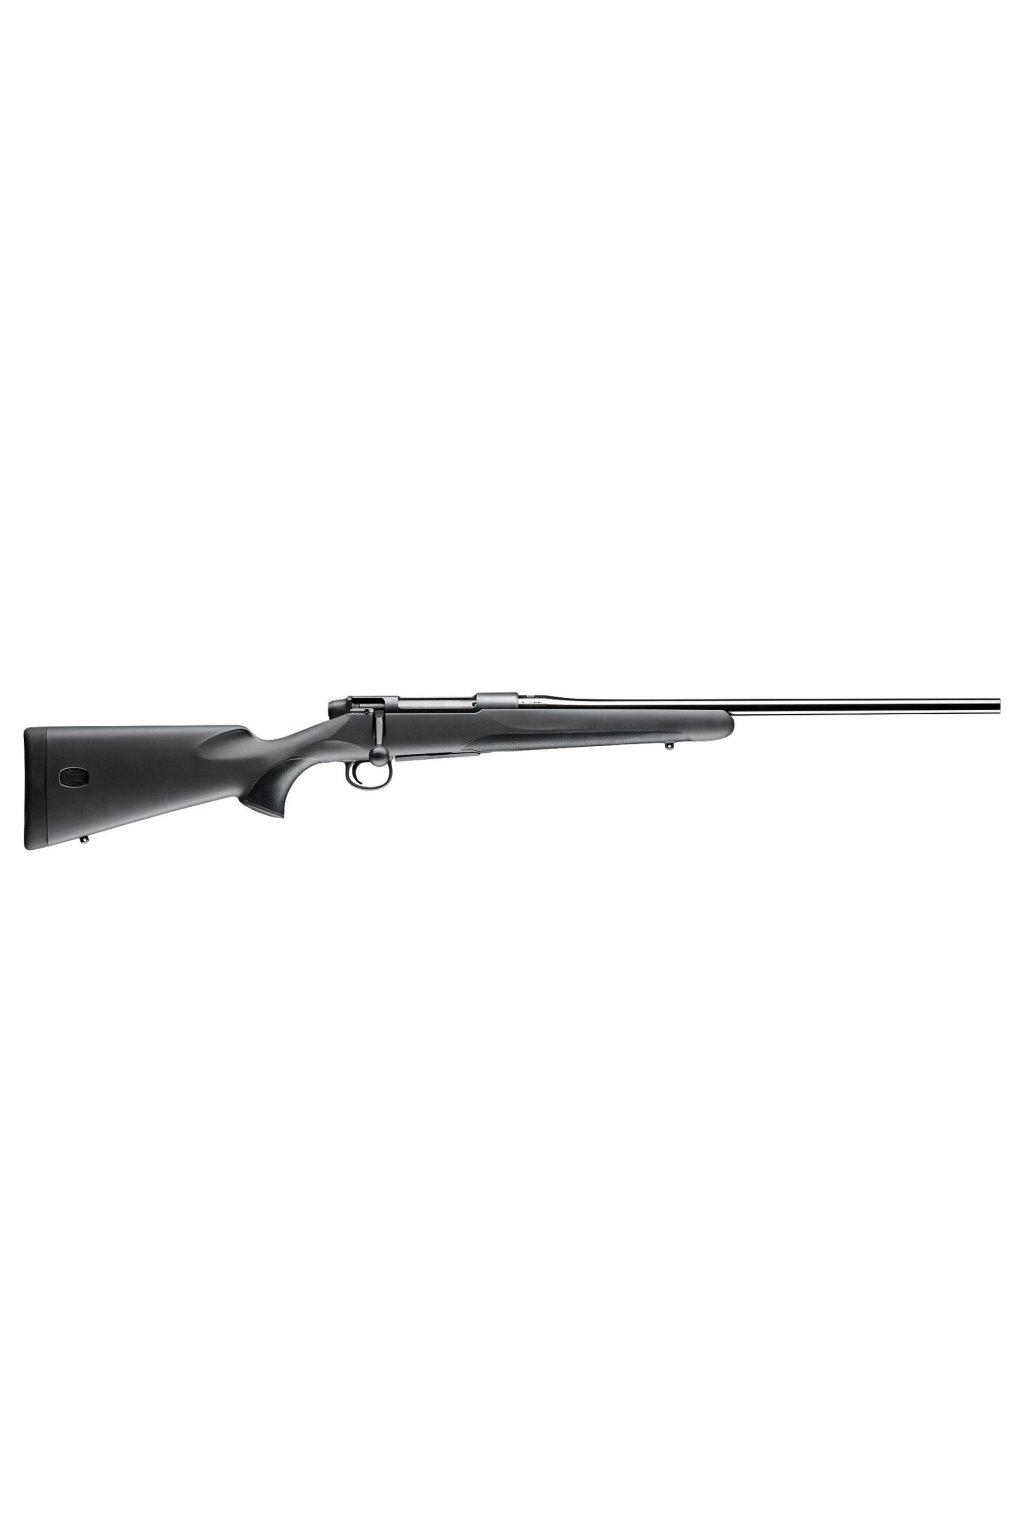 csm Mauser M18 re 669b2f63f5